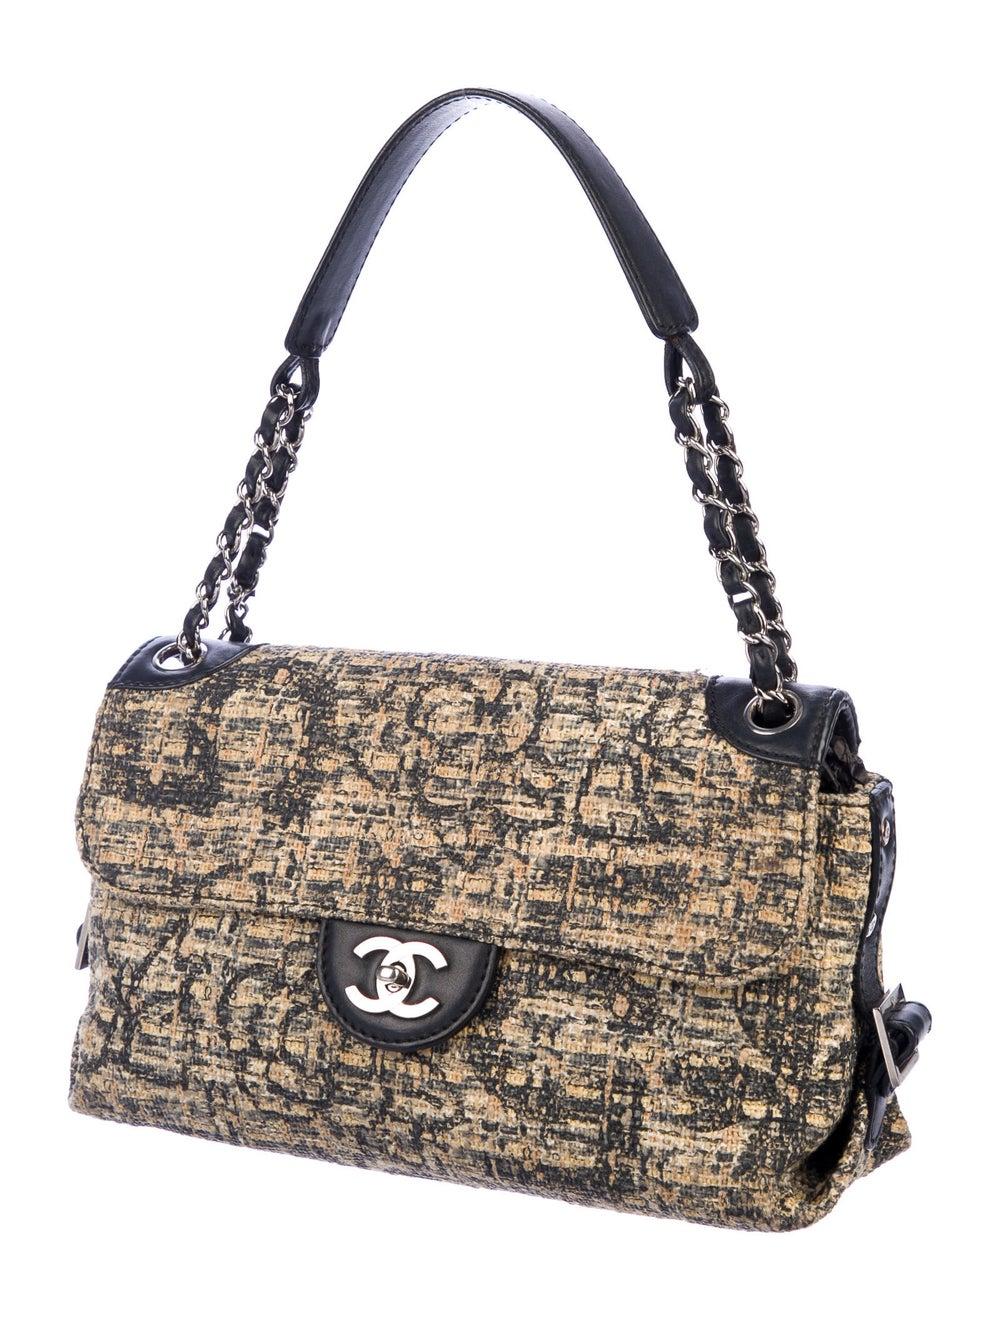 Chanel Tweed Shoulder Bag Silver - image 3